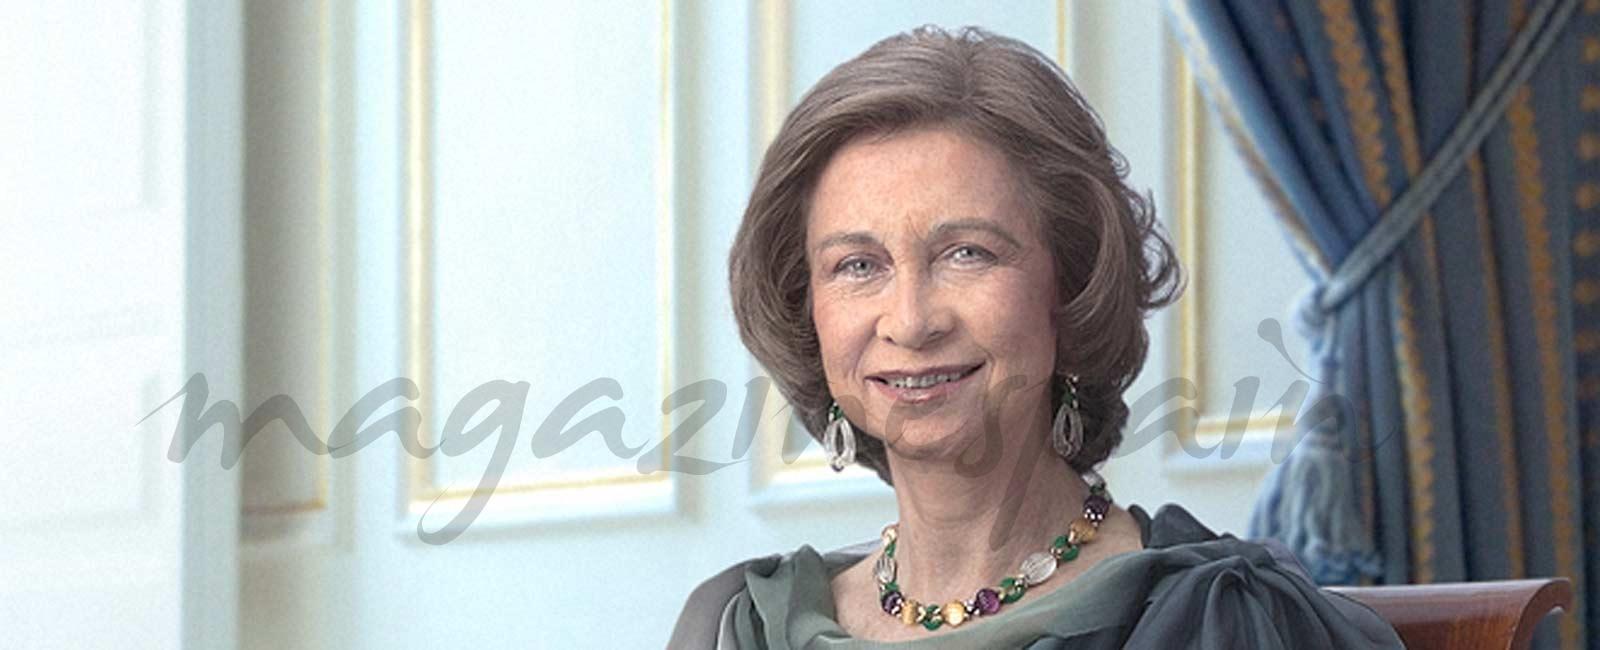 La reina Sofía cumple 79 años… Los mejores momentos